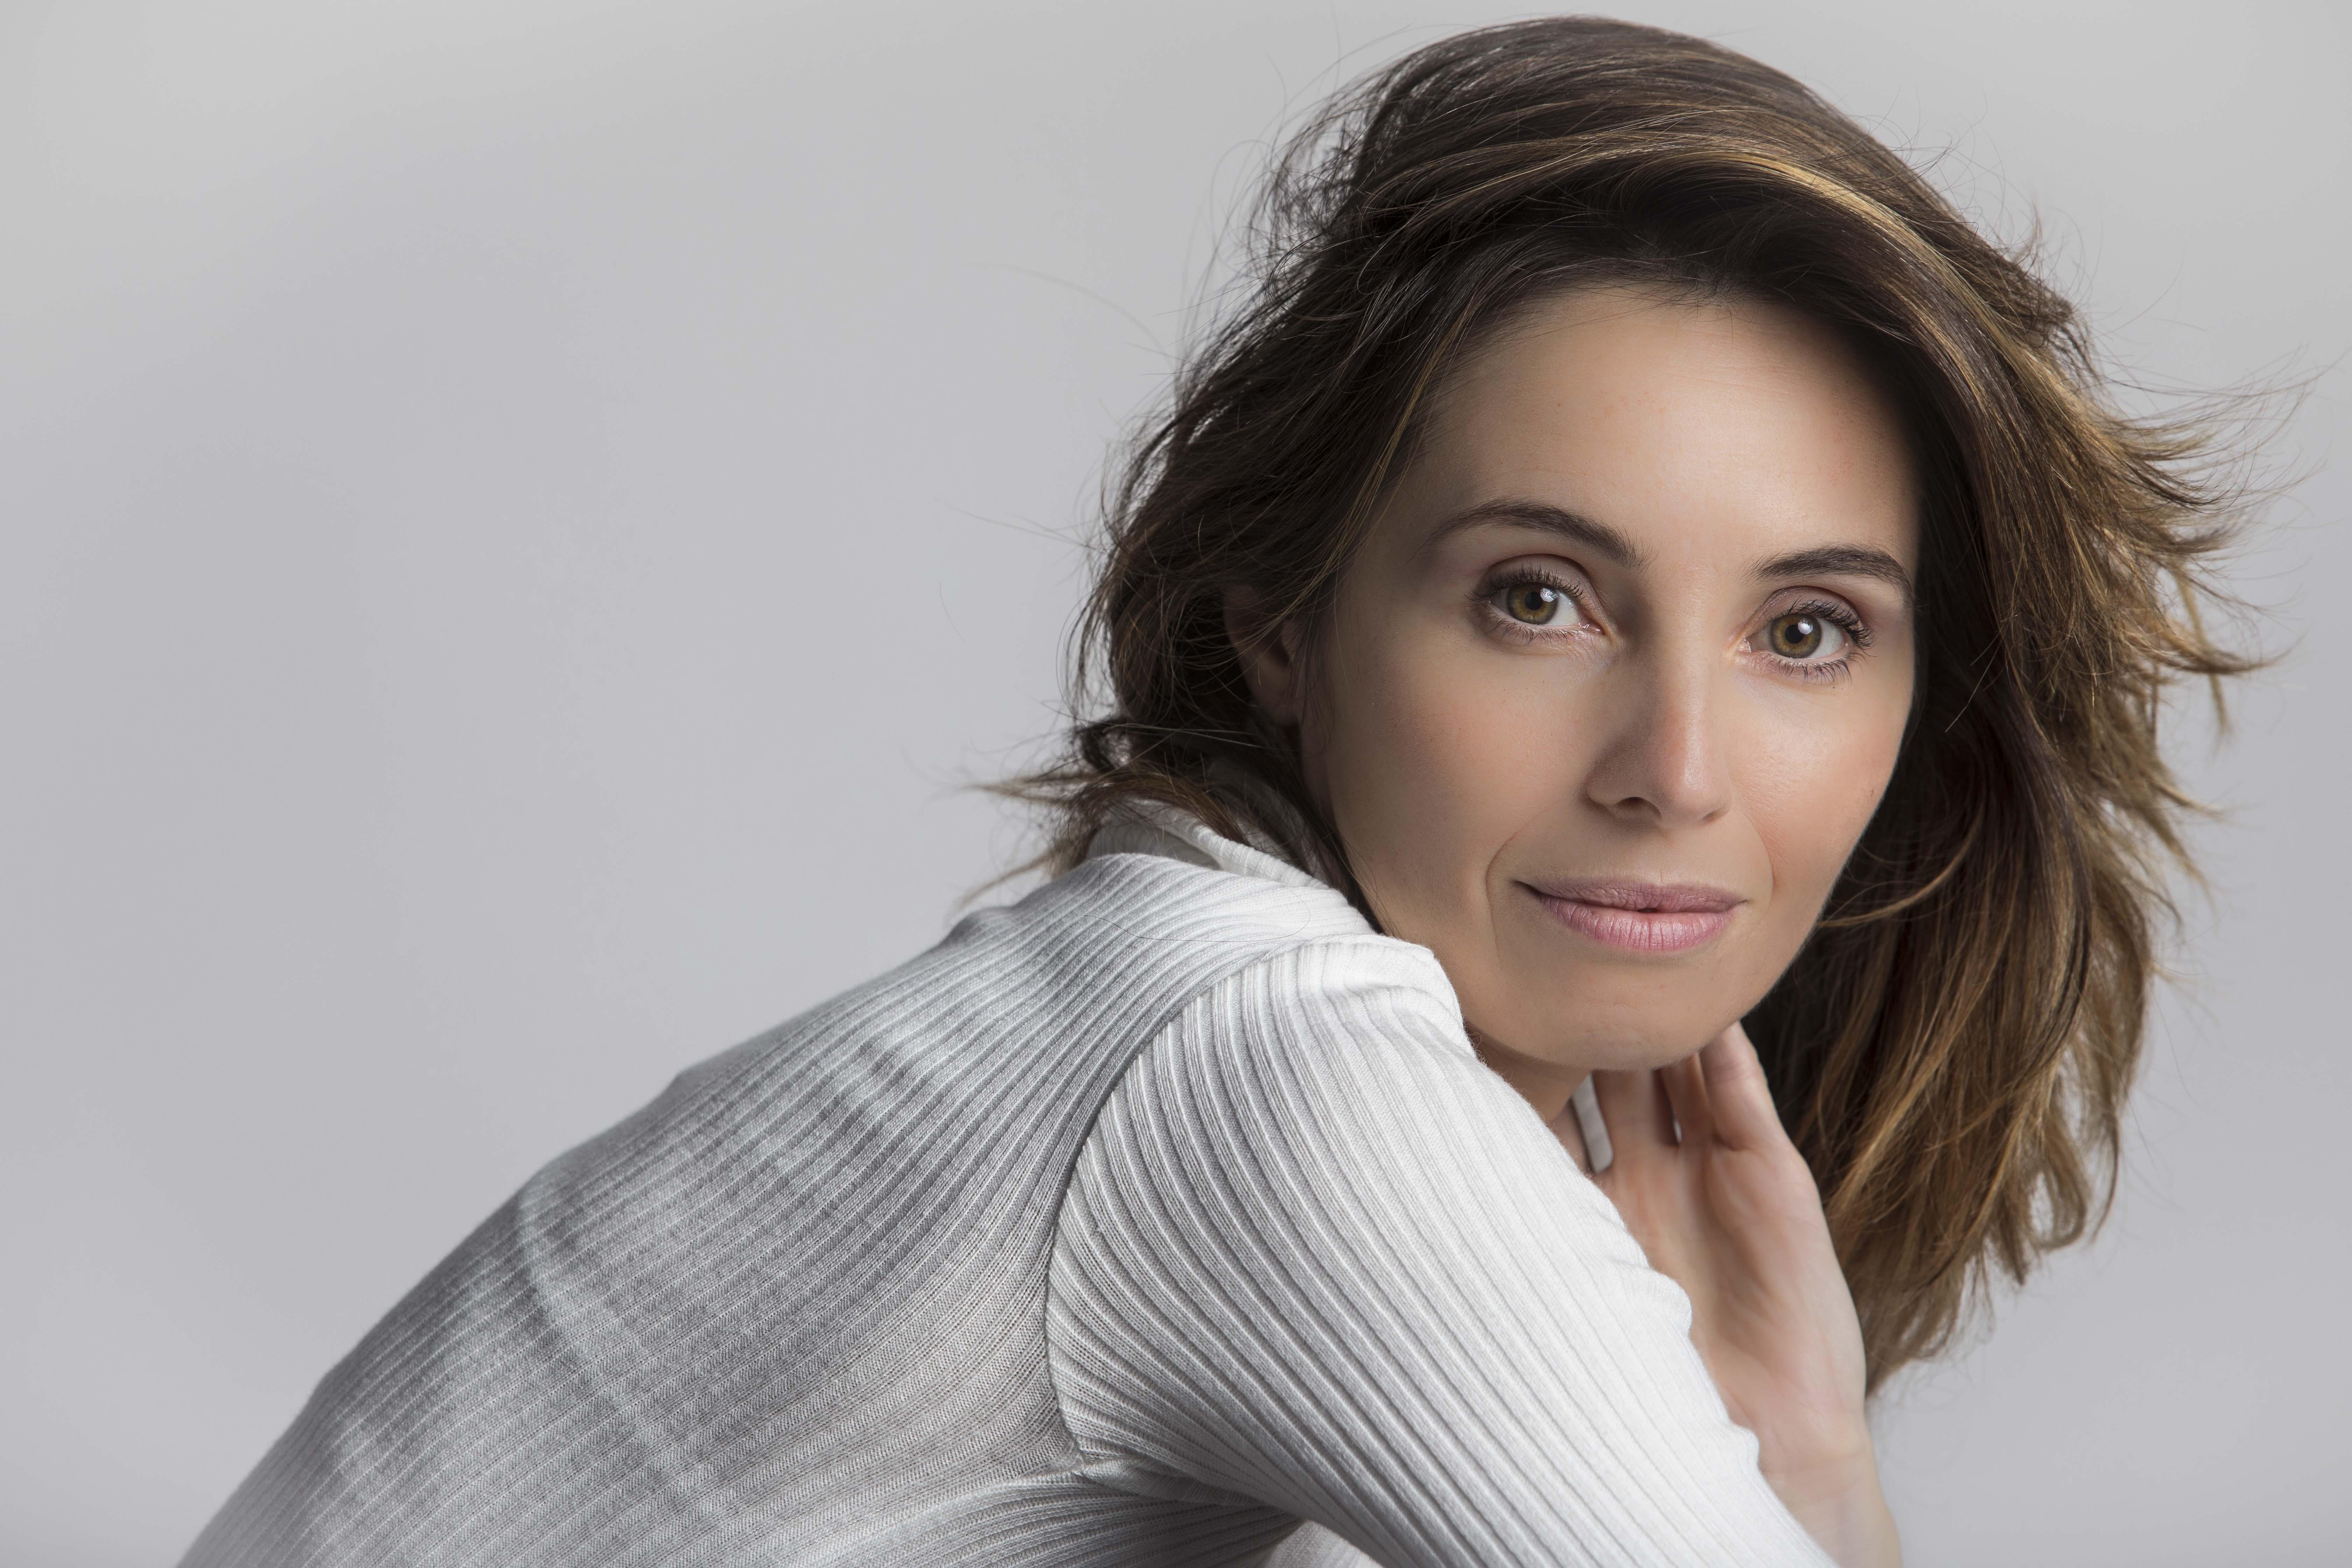 María Pedroviejo